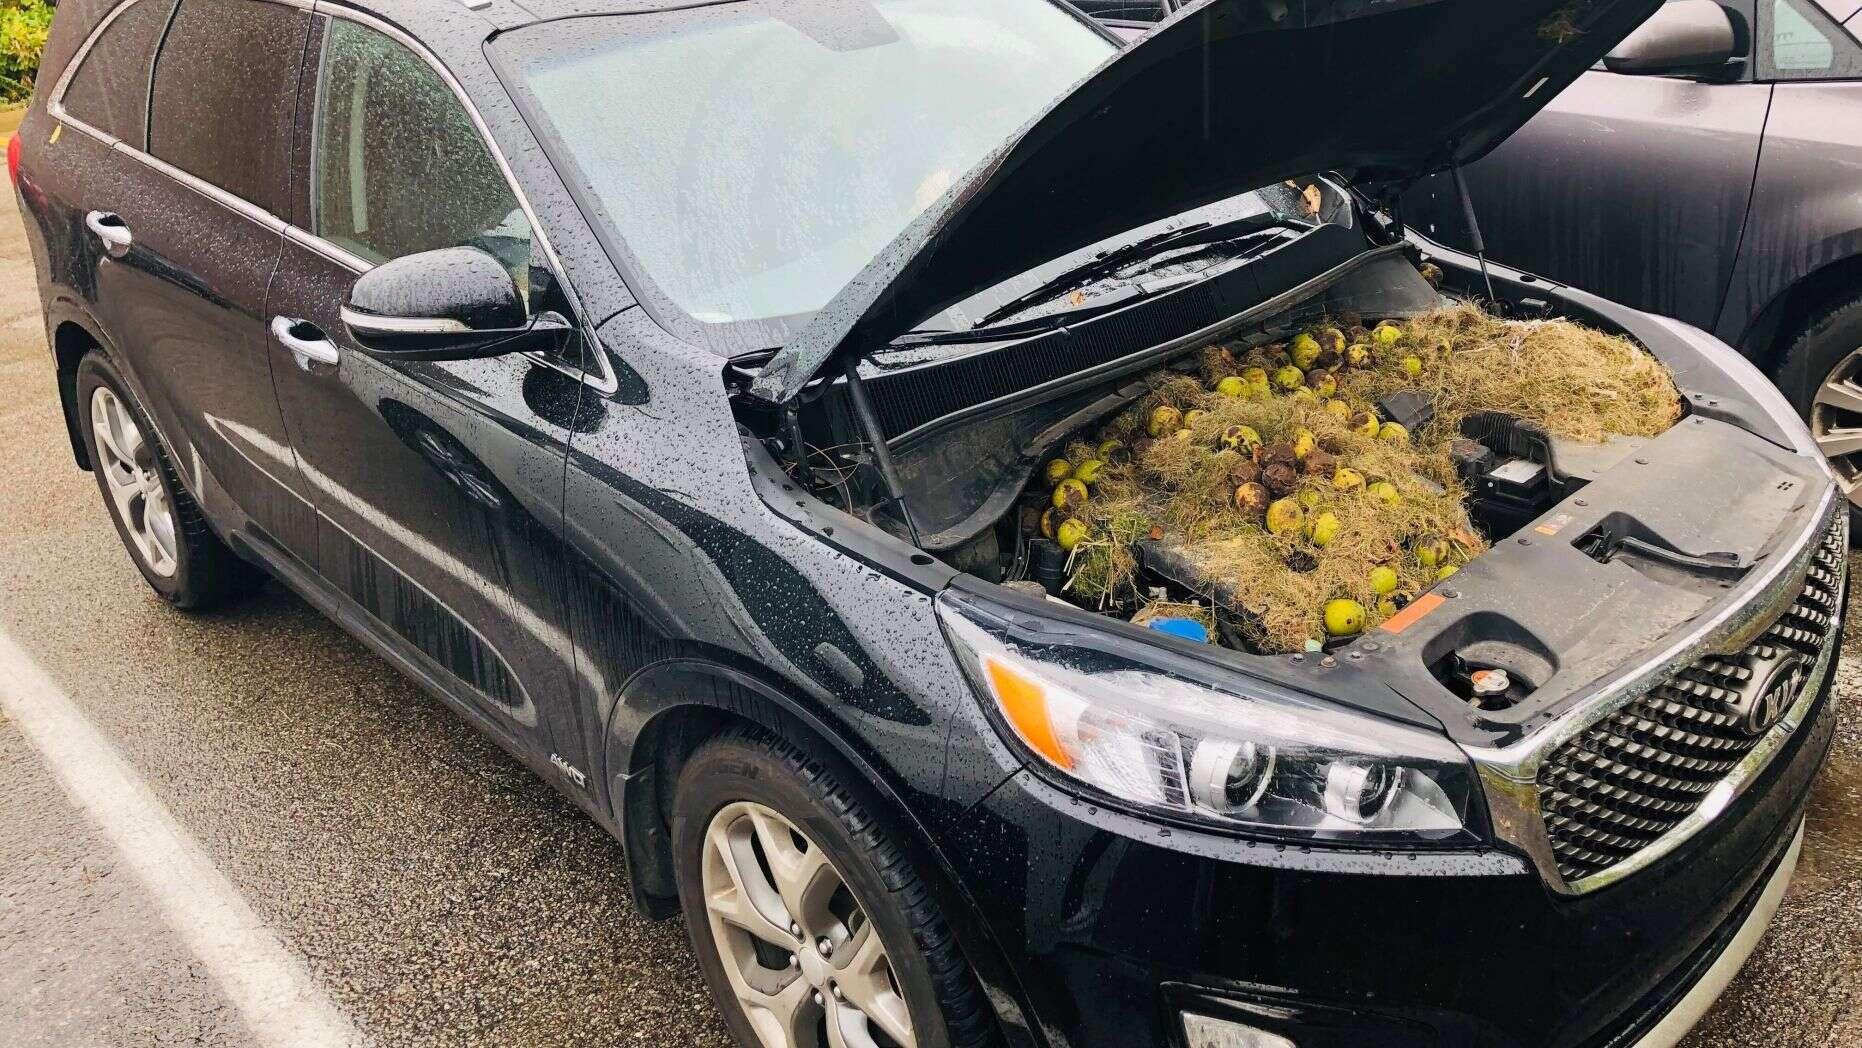 """松鼠的""""杰作"""":美國車主掀開引擎蓋發現幾百顆核桃"""